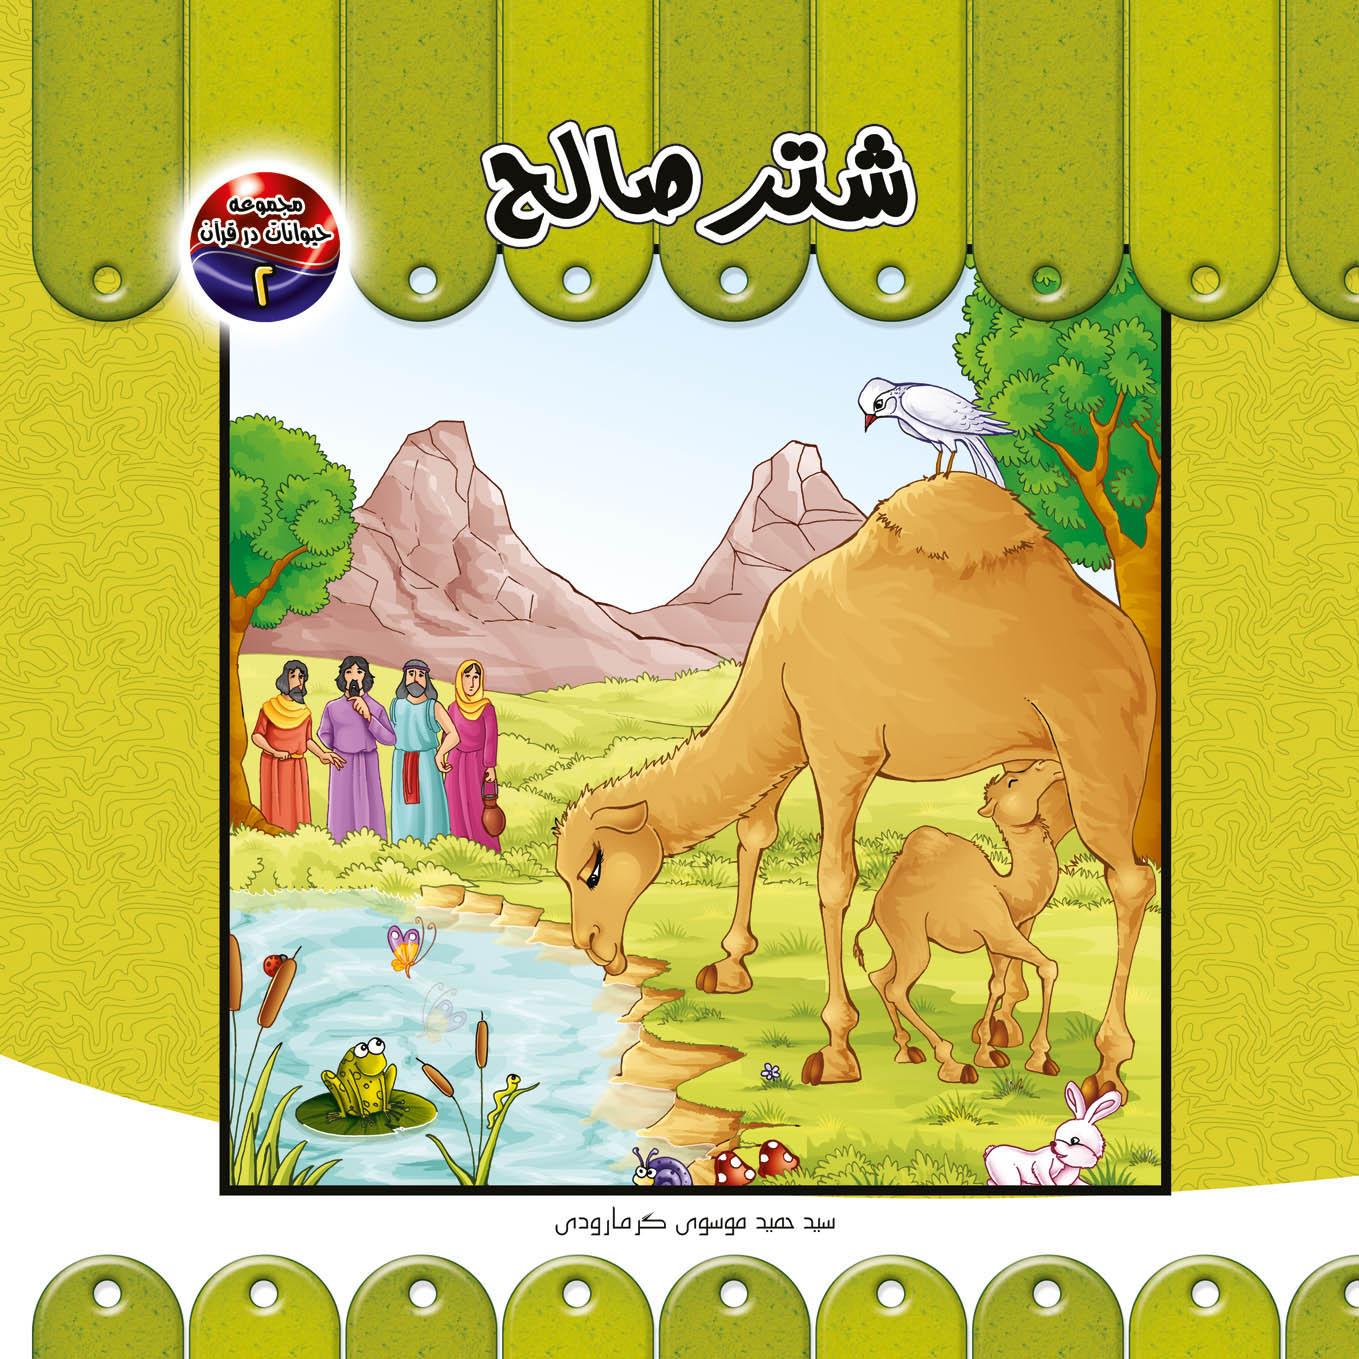 شتر صالح | شبکه دانی